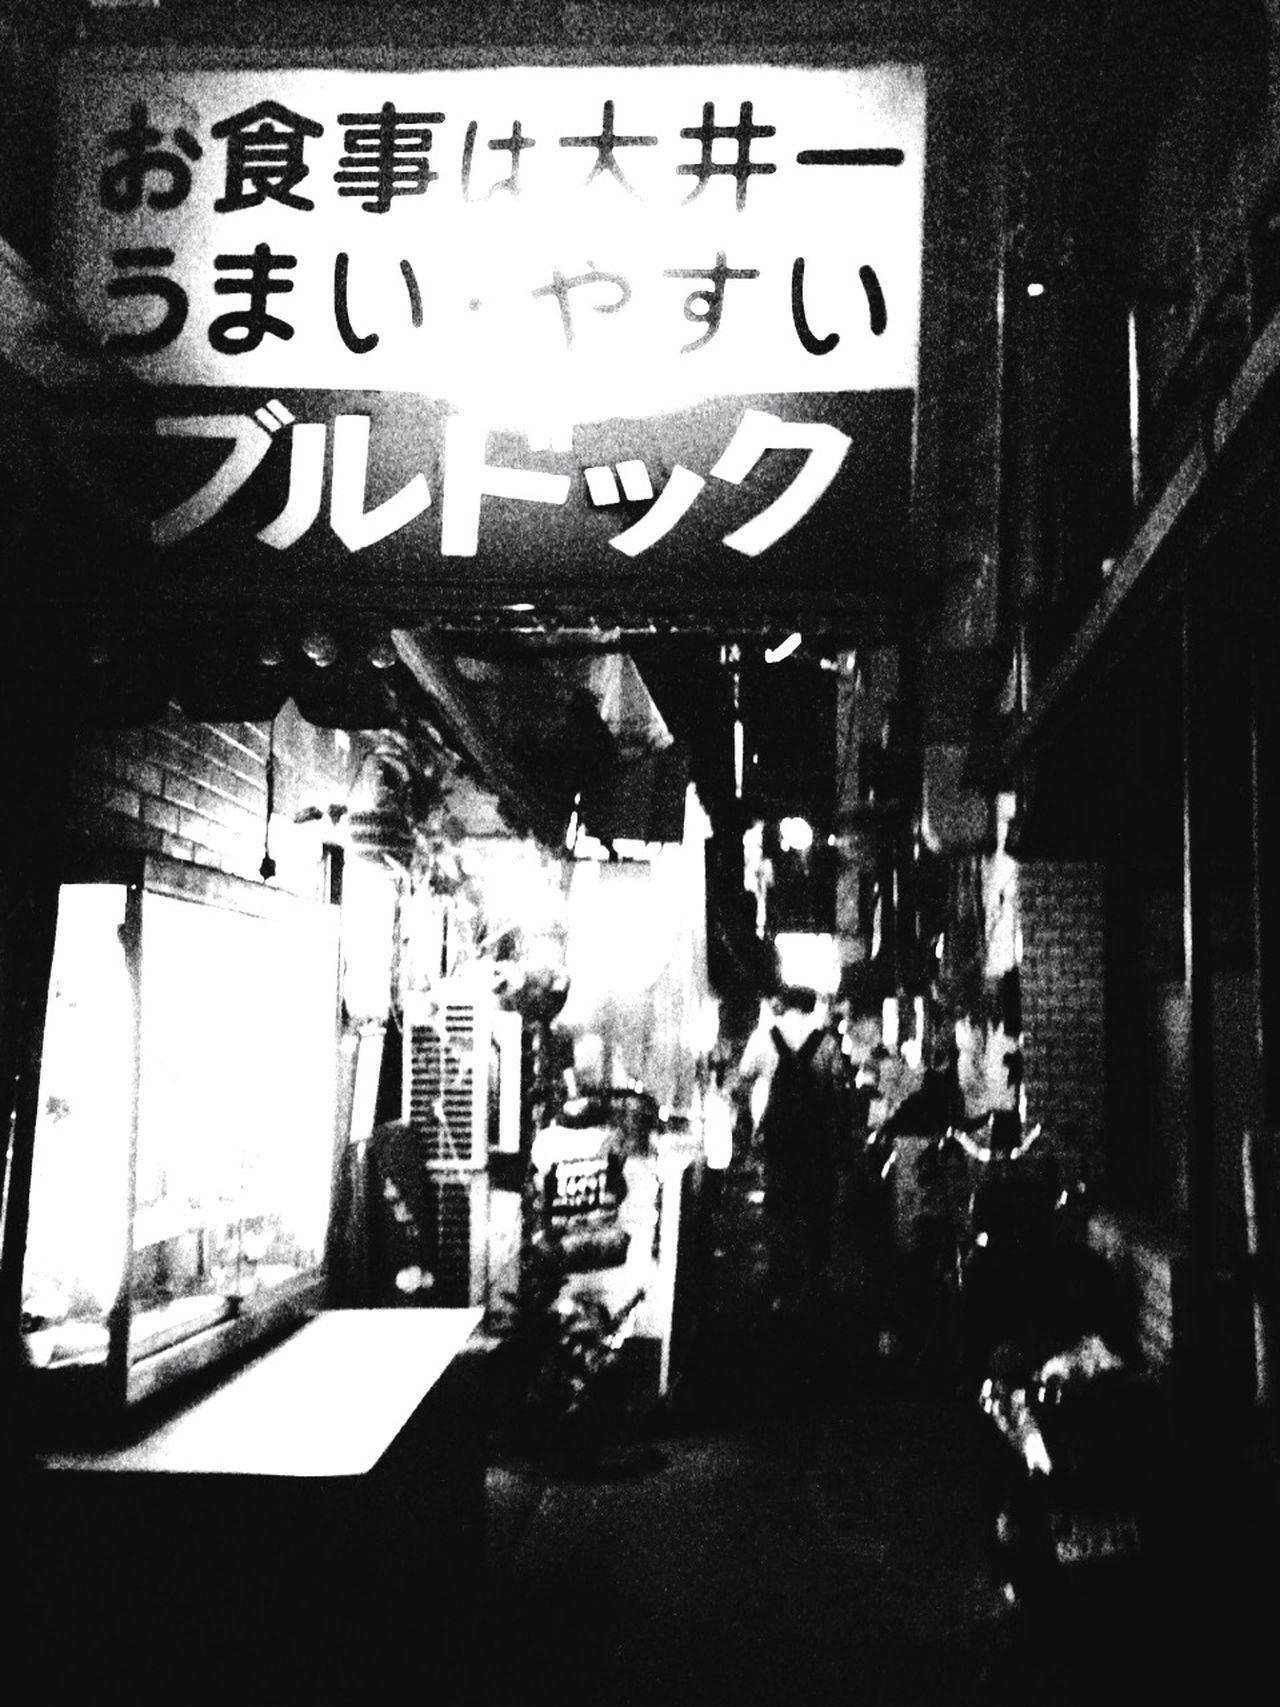 たまに食いたくなる味。…そういや、外食がつづいてます。たまにはベルサッサで自分で料理でもしたいものよ。 Inexpensive Restaurant Japan Culture EyeEm Japan Tokyo Tokyo Night Blackandwhite Monochrome Exploring Deep Tokyo